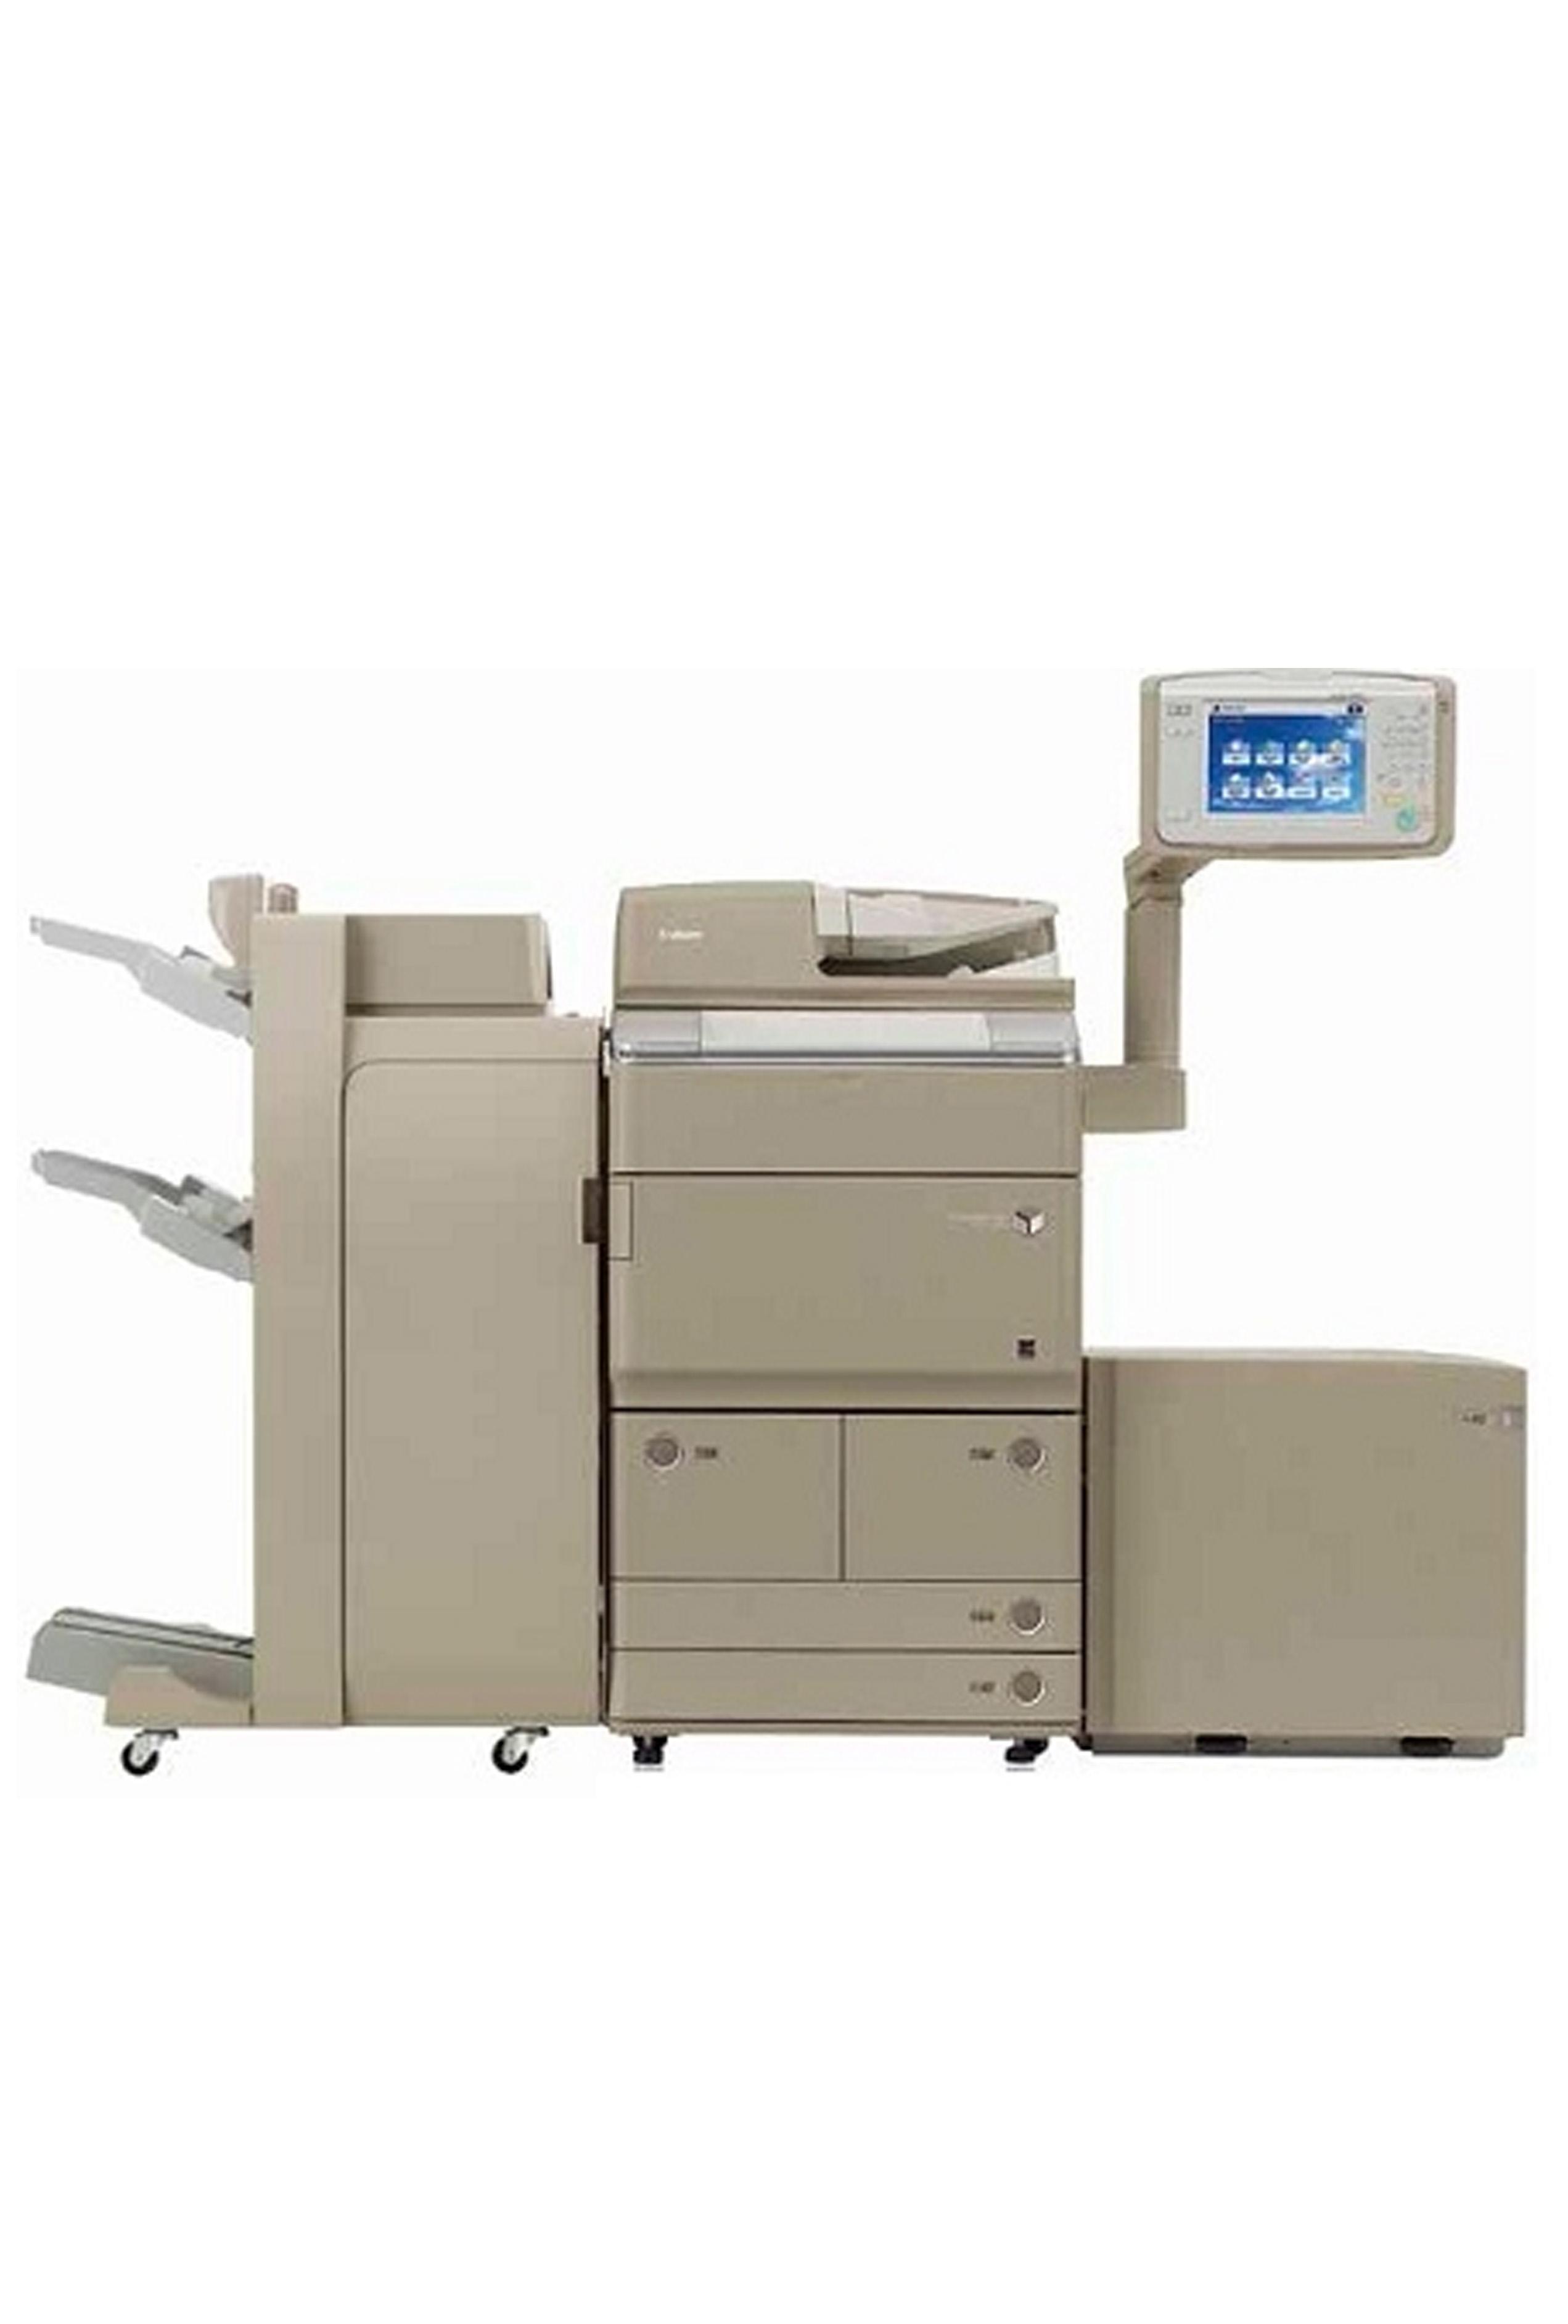 Canon imageRUNNER ADVANCE 8295 Printer Model (95ppm)